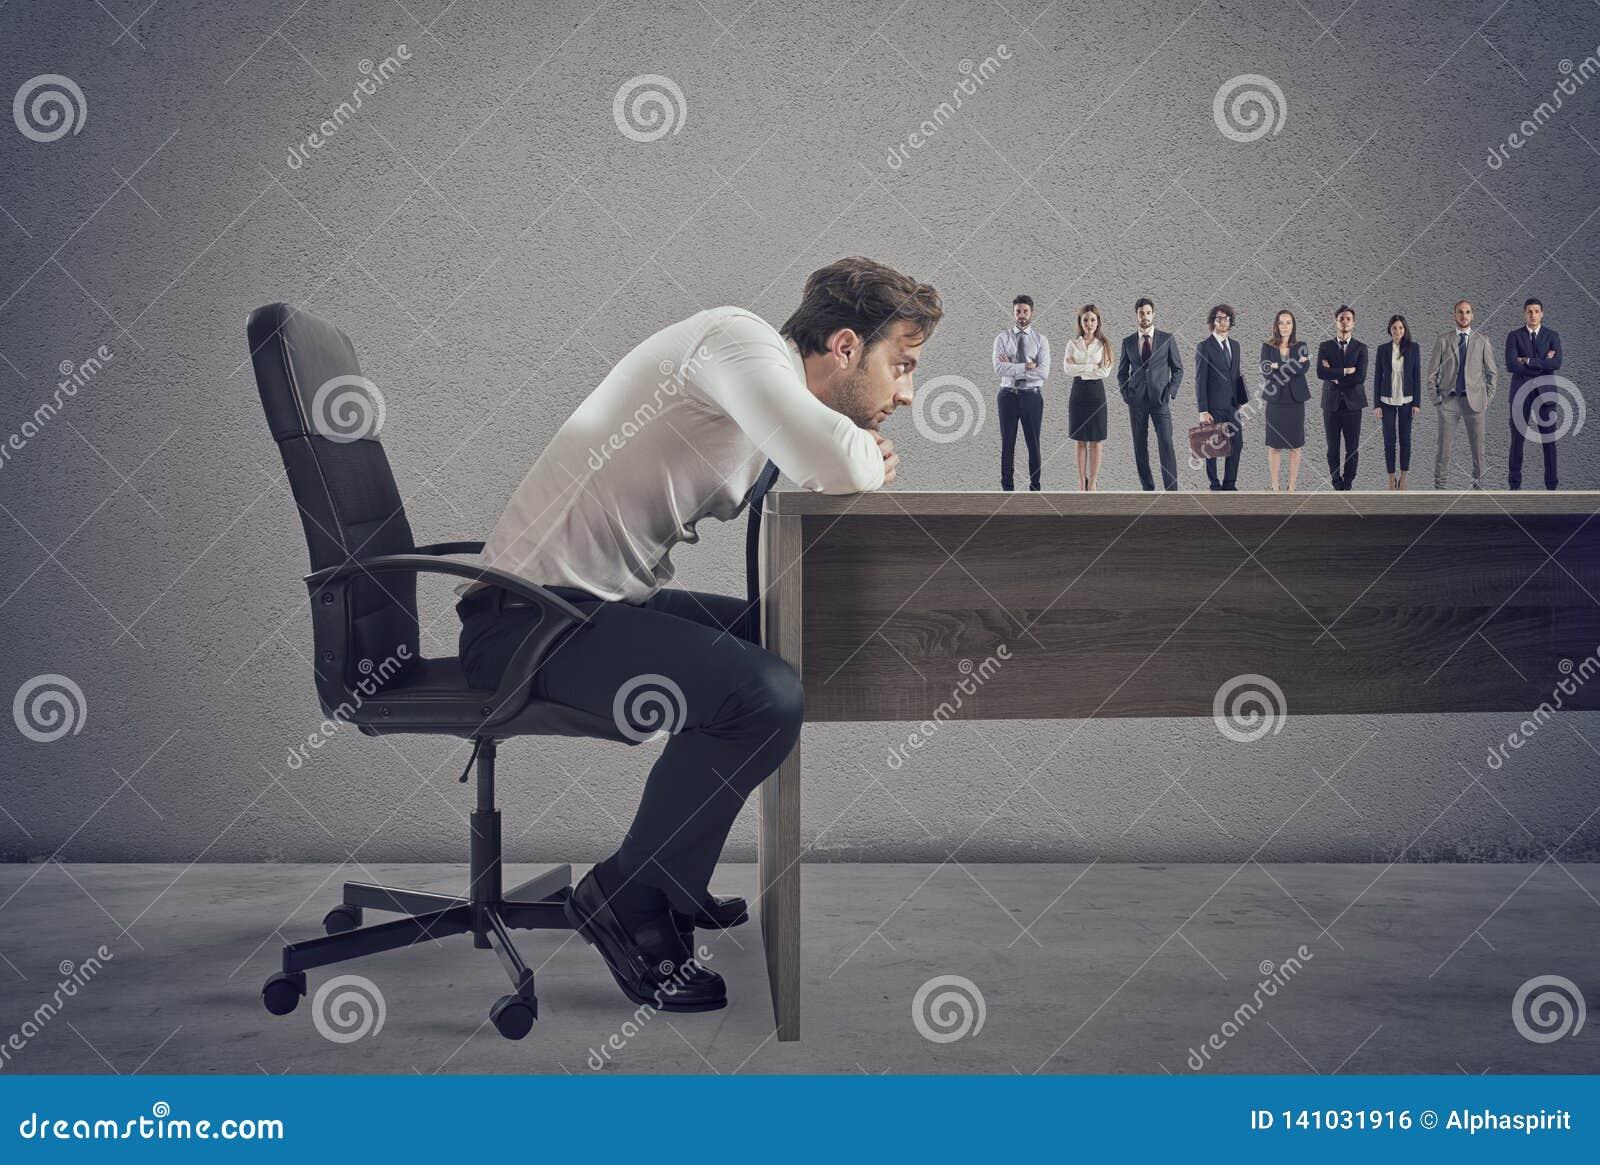 Босс выбирает соответствующие выбранные к рабочему месту Концепция рекрутства и команды